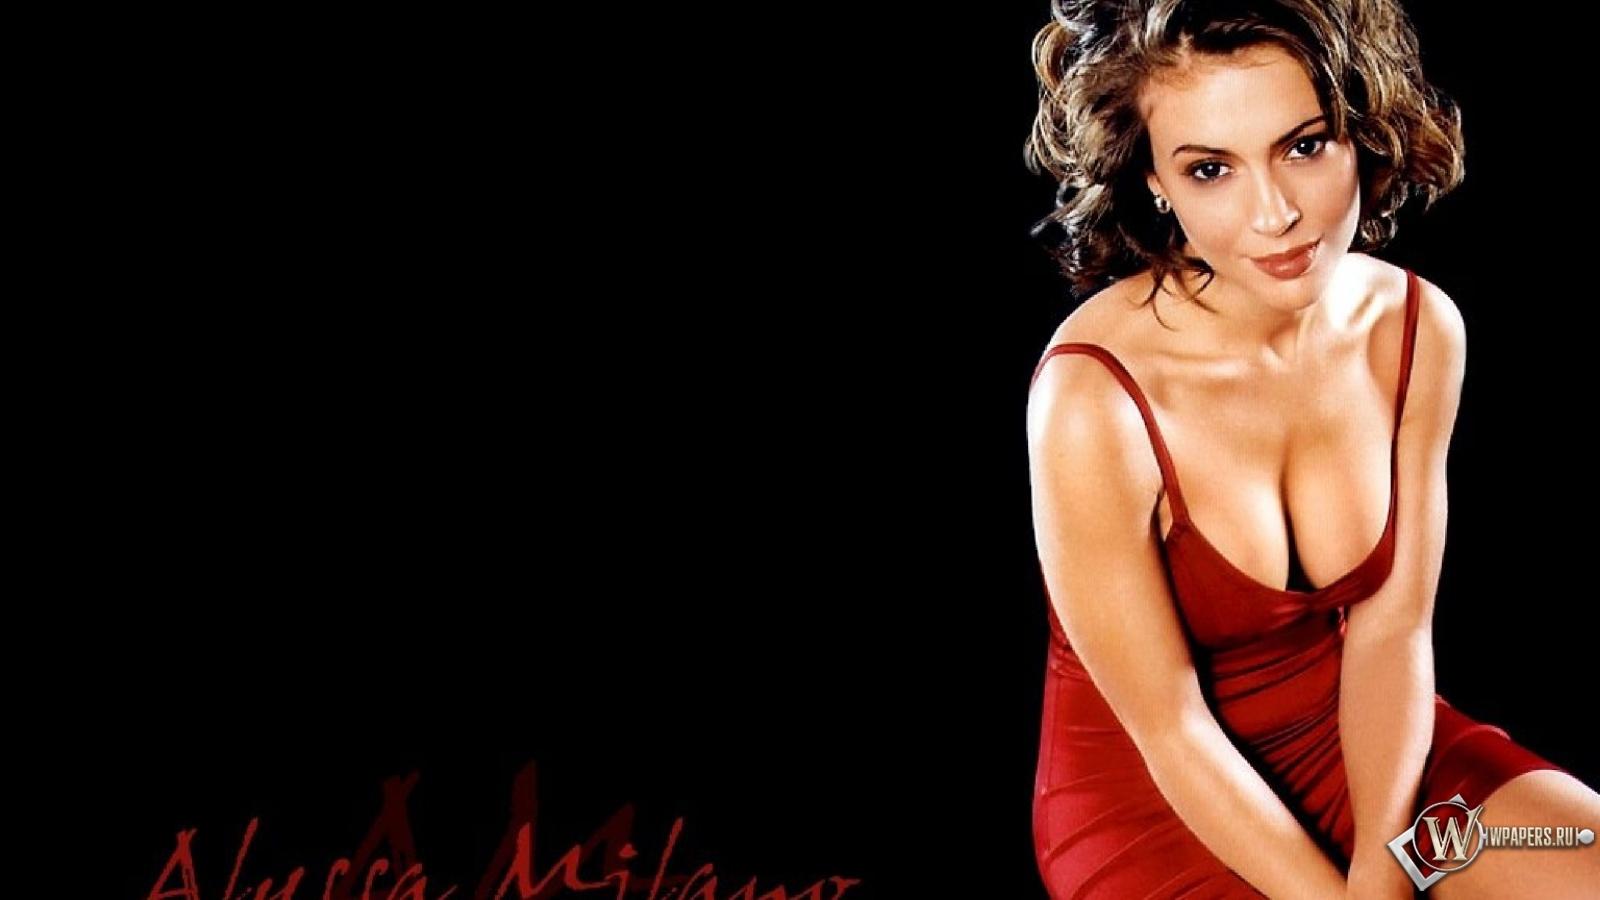 Alyssa Milano 1600x900